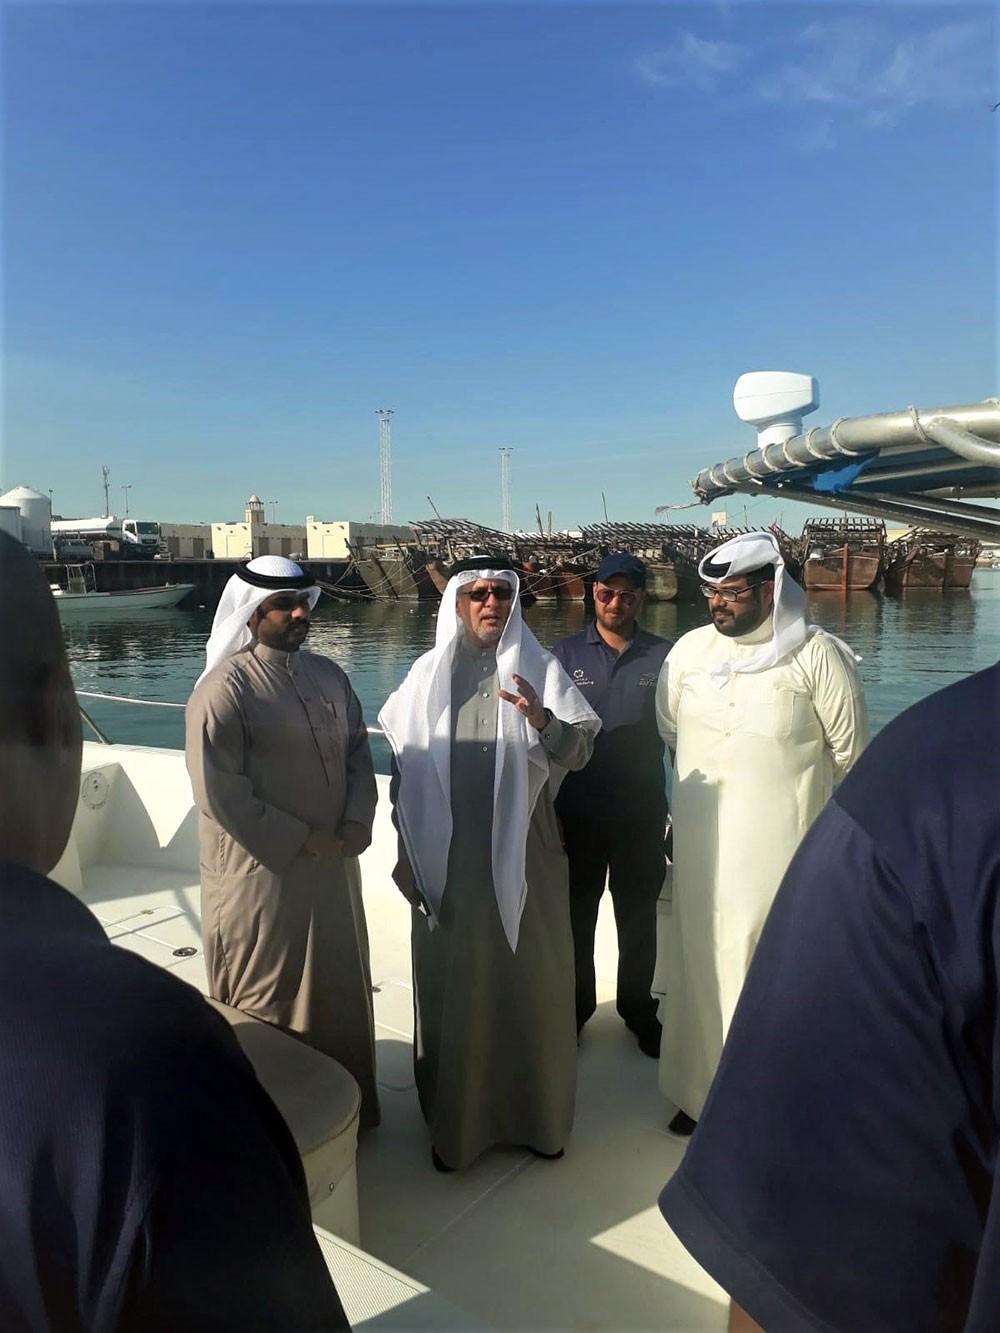 """أبوالفتح يتأكد من جاهزية فريق """"الرقابة البحرية""""... ويؤكد ضرورة الالتزام بالقانون"""